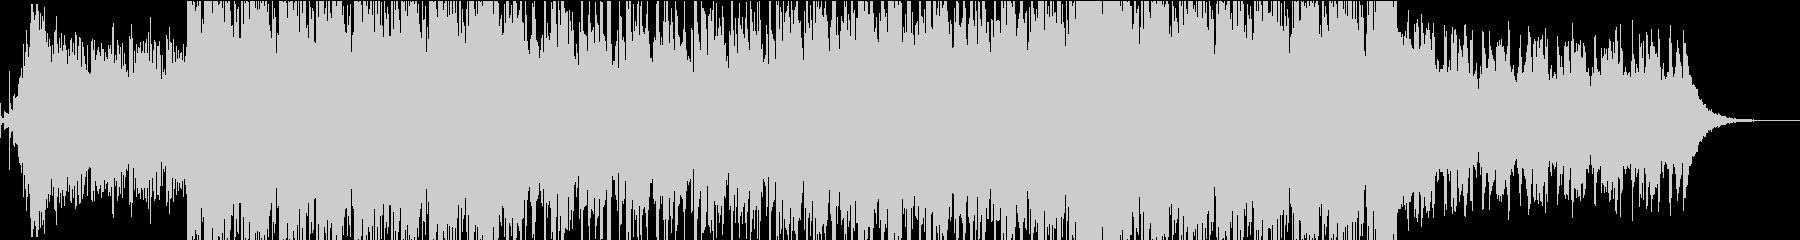 低音のピアノリフが緊迫感を煽る夜の戦闘曲の未再生の波形